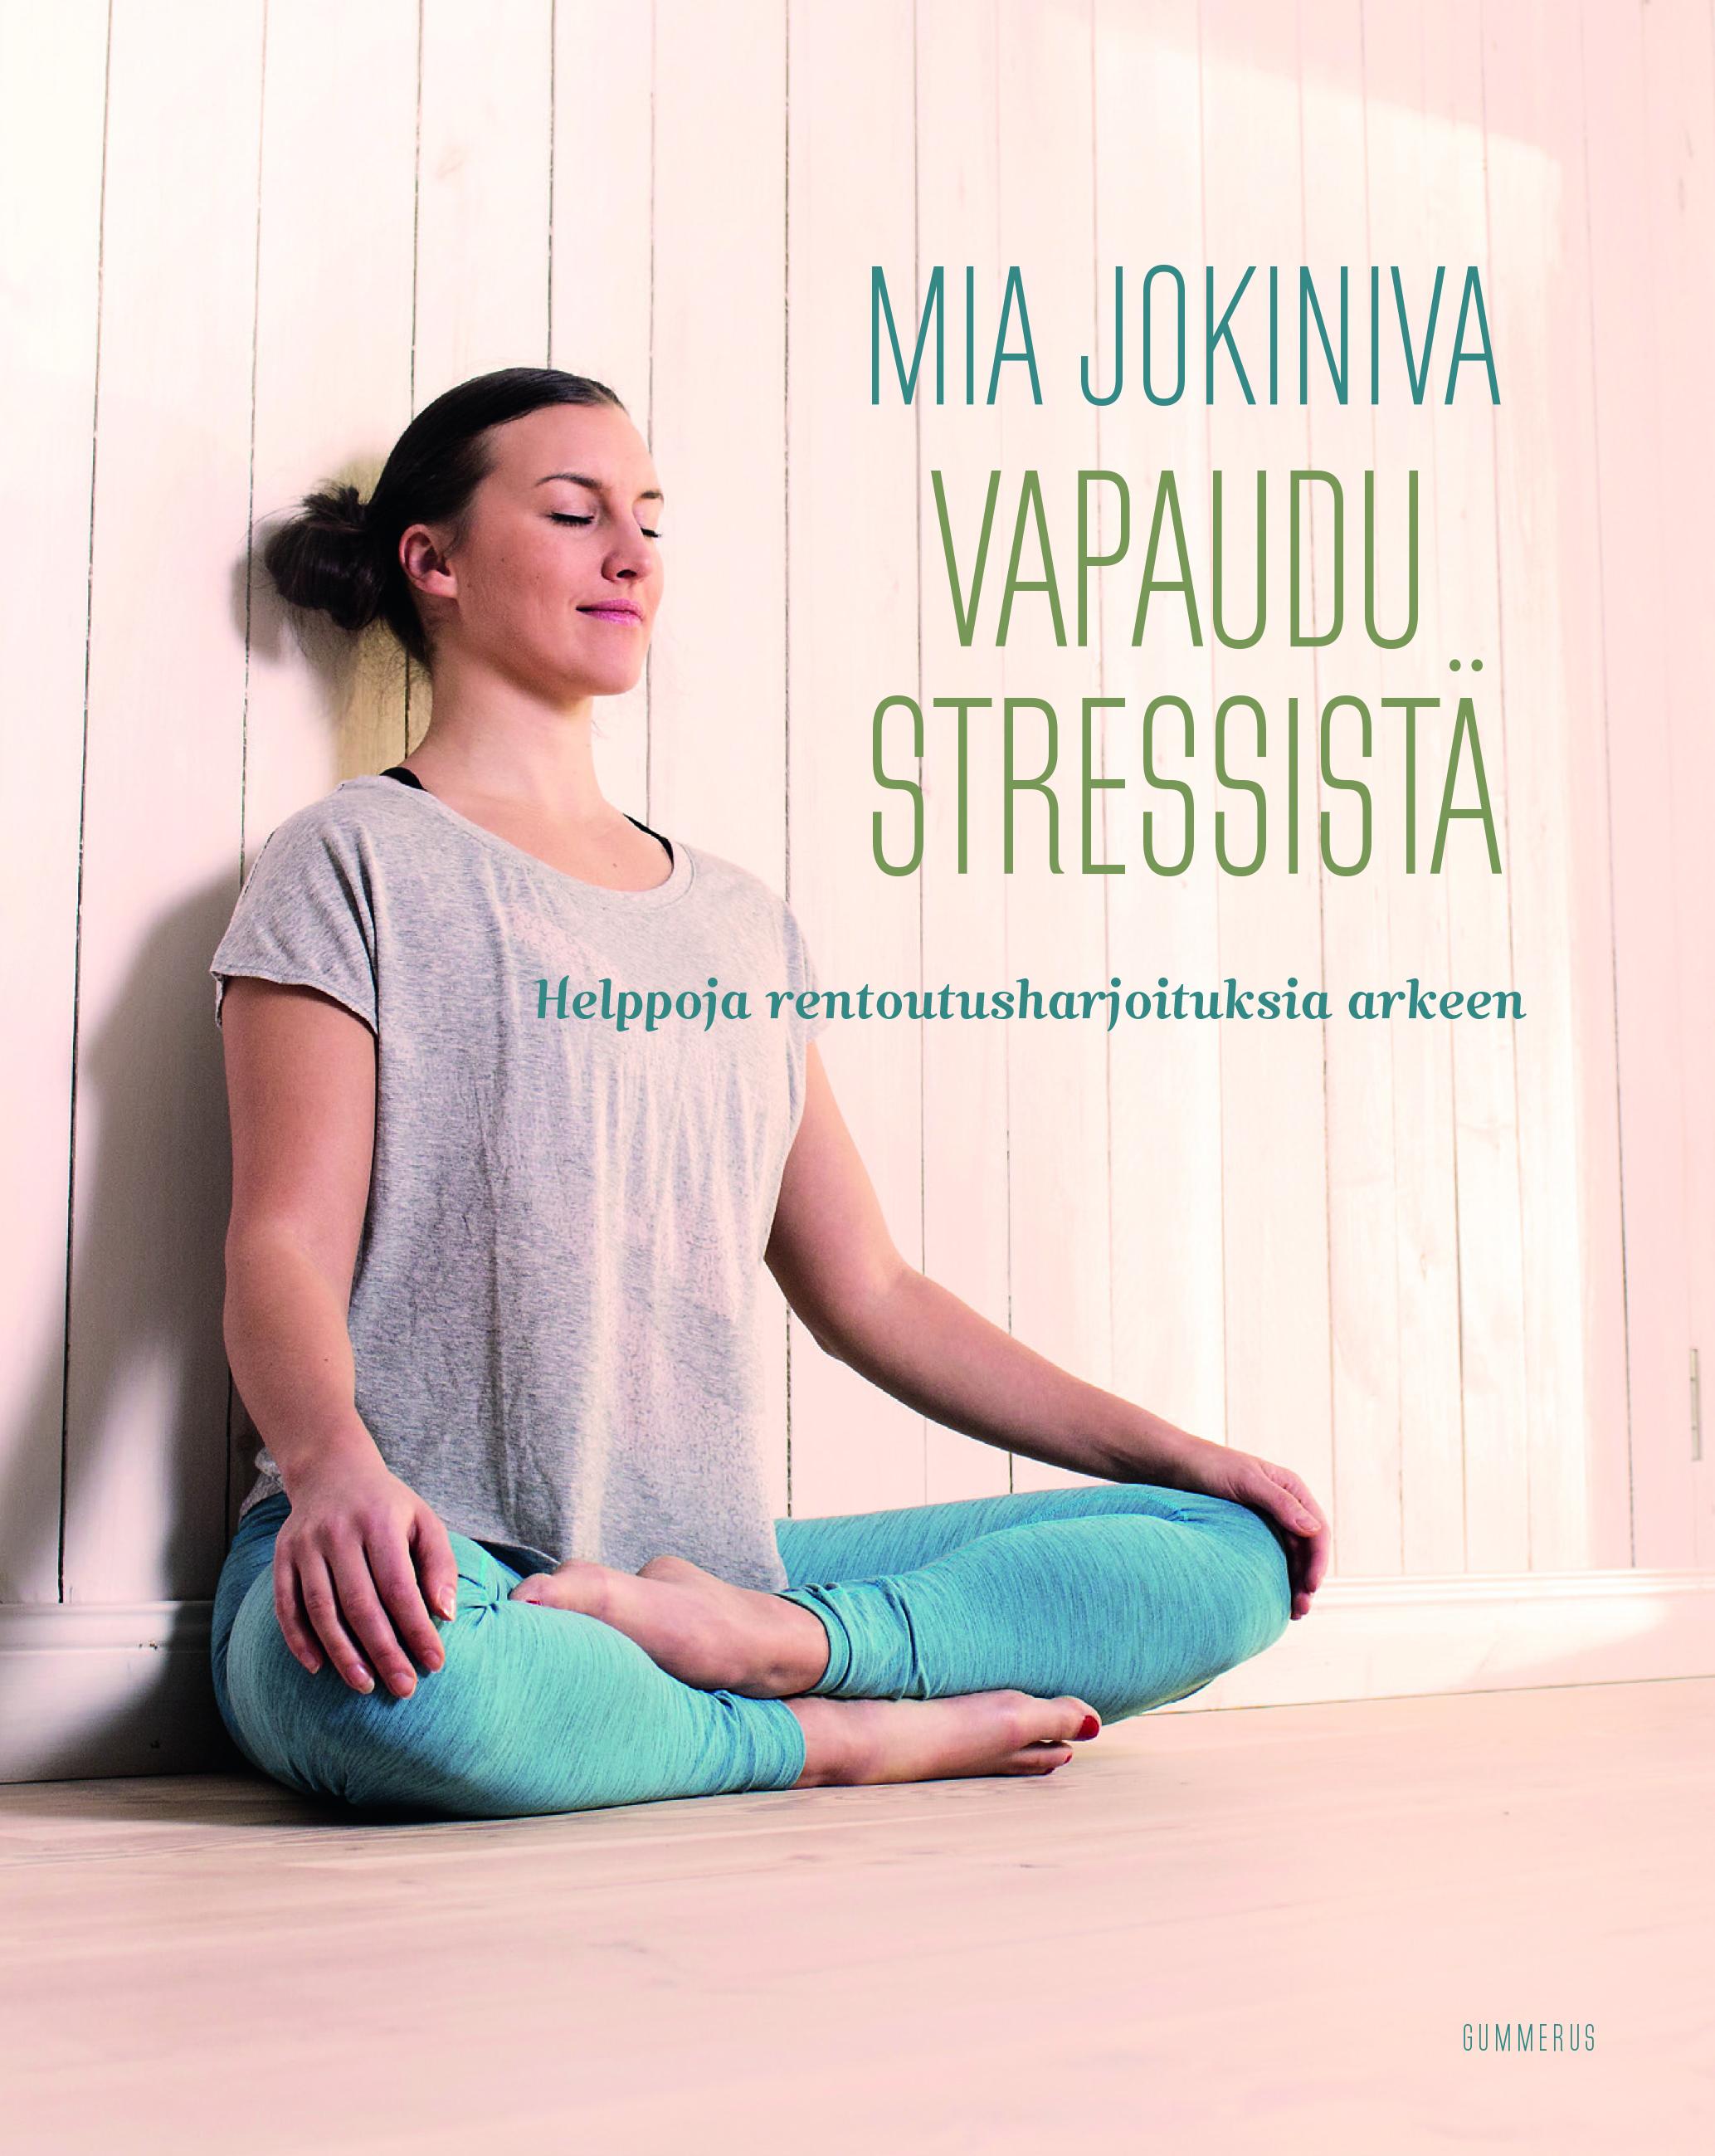 Vapaudu stressistä (2018)